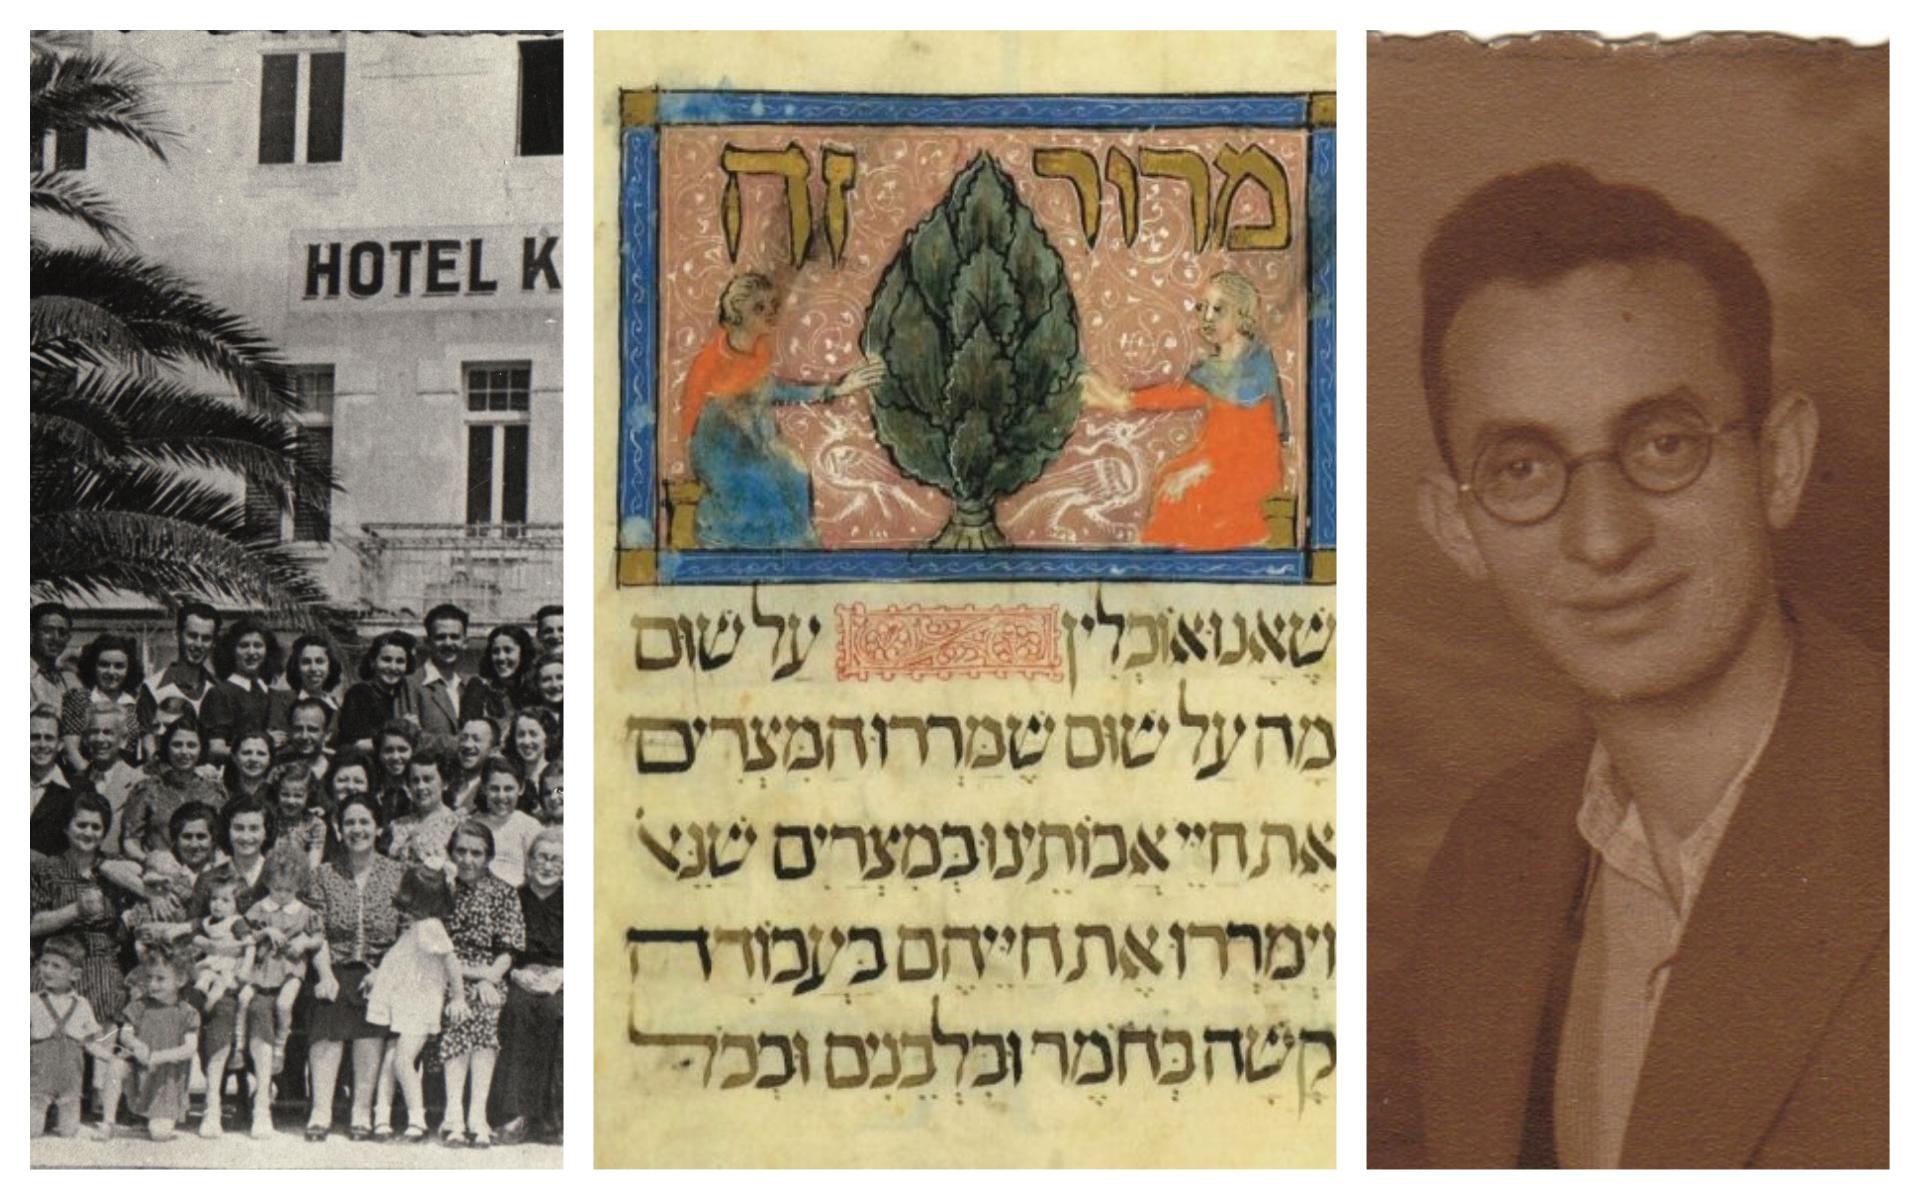 A gauche : Un groupe de civils et de partisans Juifs en Croatie, en 1942 ; au centre : Détail de la page de 'Maror' de la Haggadah de Sarajevo ; à droite : Shani Altarac, en 1948, jeune partisan yougoslave qui avait écrit la Haggadah des partisans.  (Photos des partisans et d'Altarac, Autorisation d'Eliezer Papo/ via JTA; photo de la Haggadah, Autorisation de la Fondation de la culture juive)